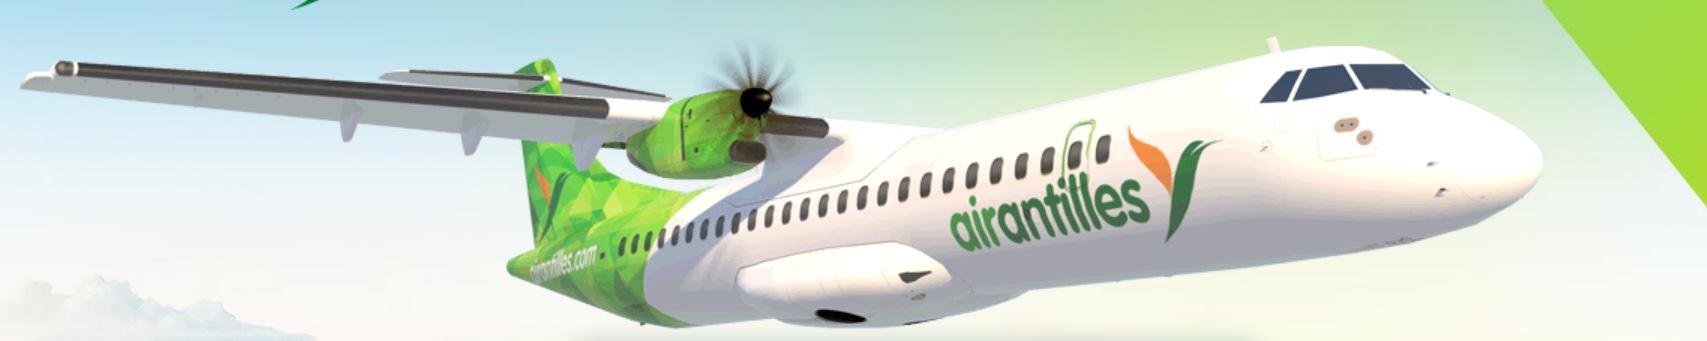 Air Antilles plane